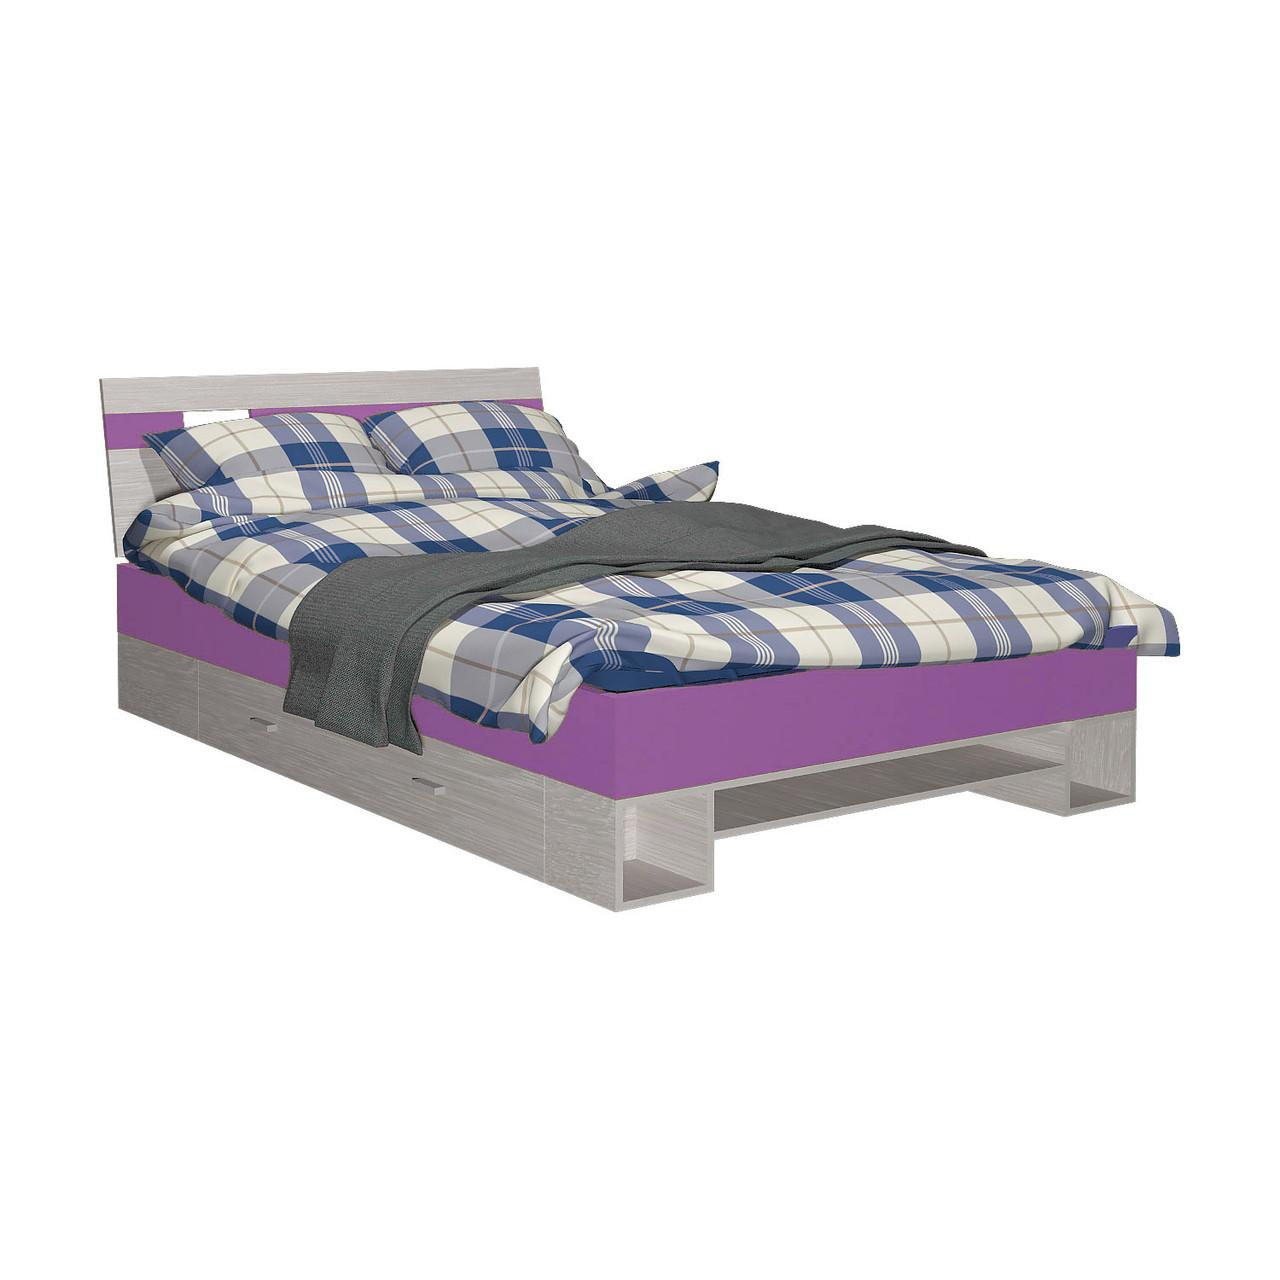 Ліжко дитяче з ДСП/МДФ AXEL R Blonski атлант+віола